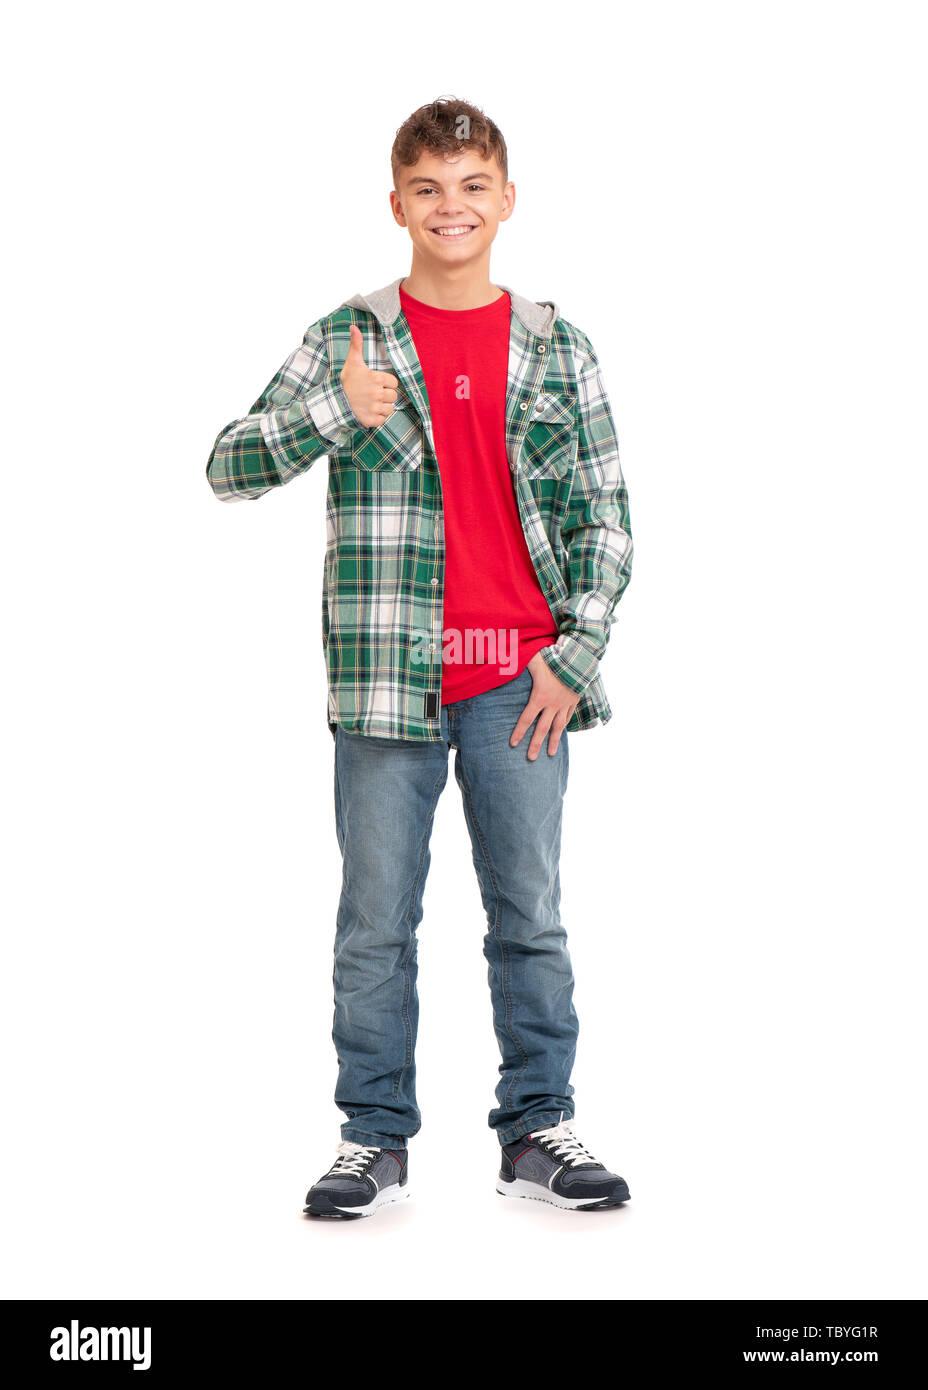 Full length portrait of boy - Stock Image